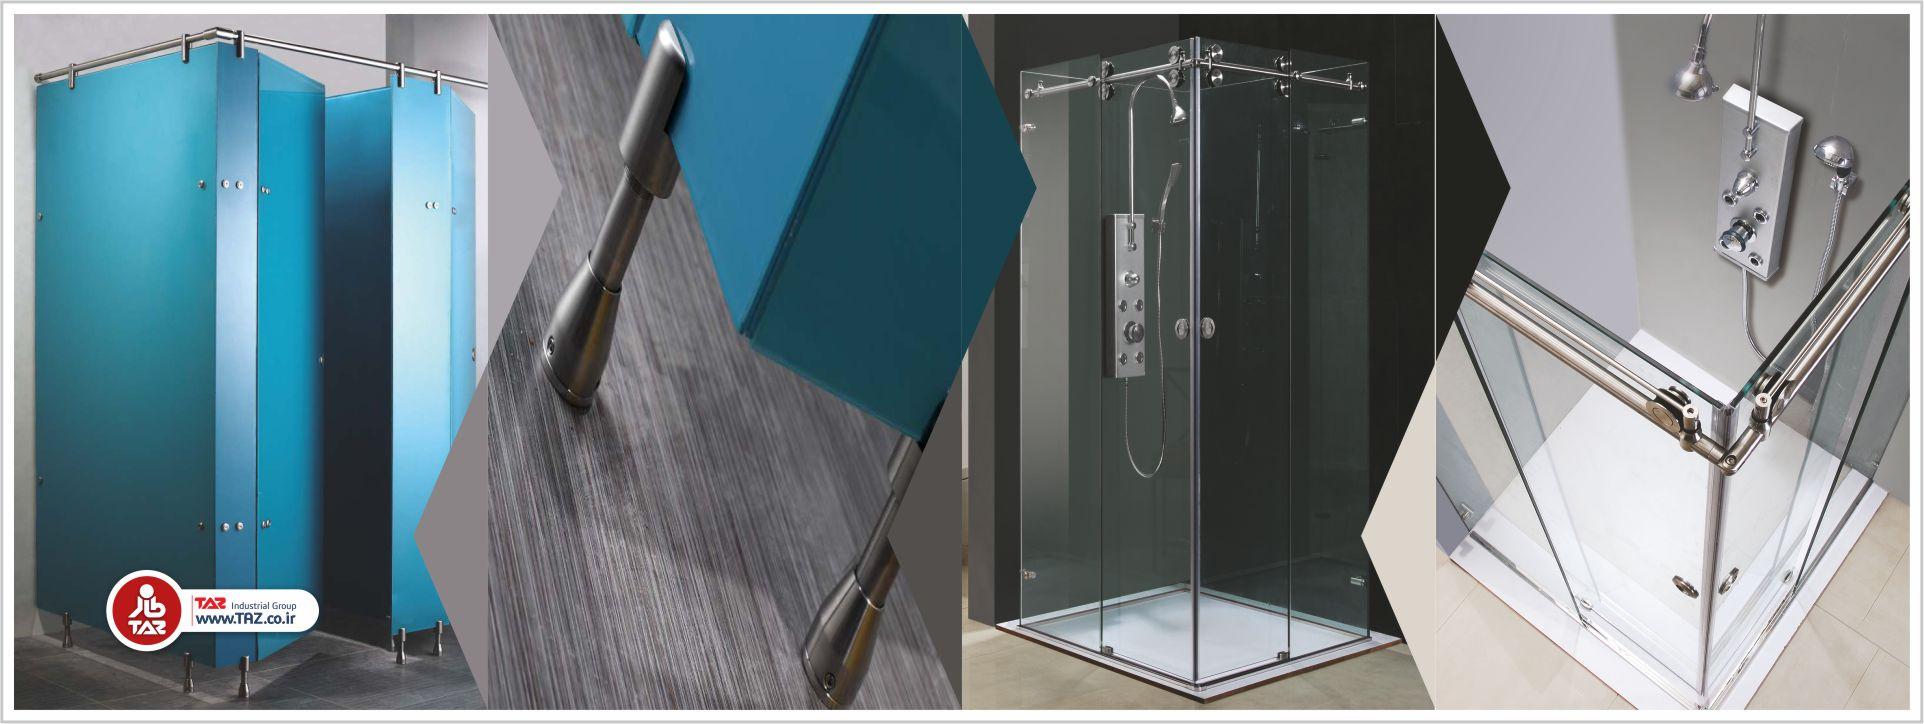 پارتیشن های شیشه ای حمام